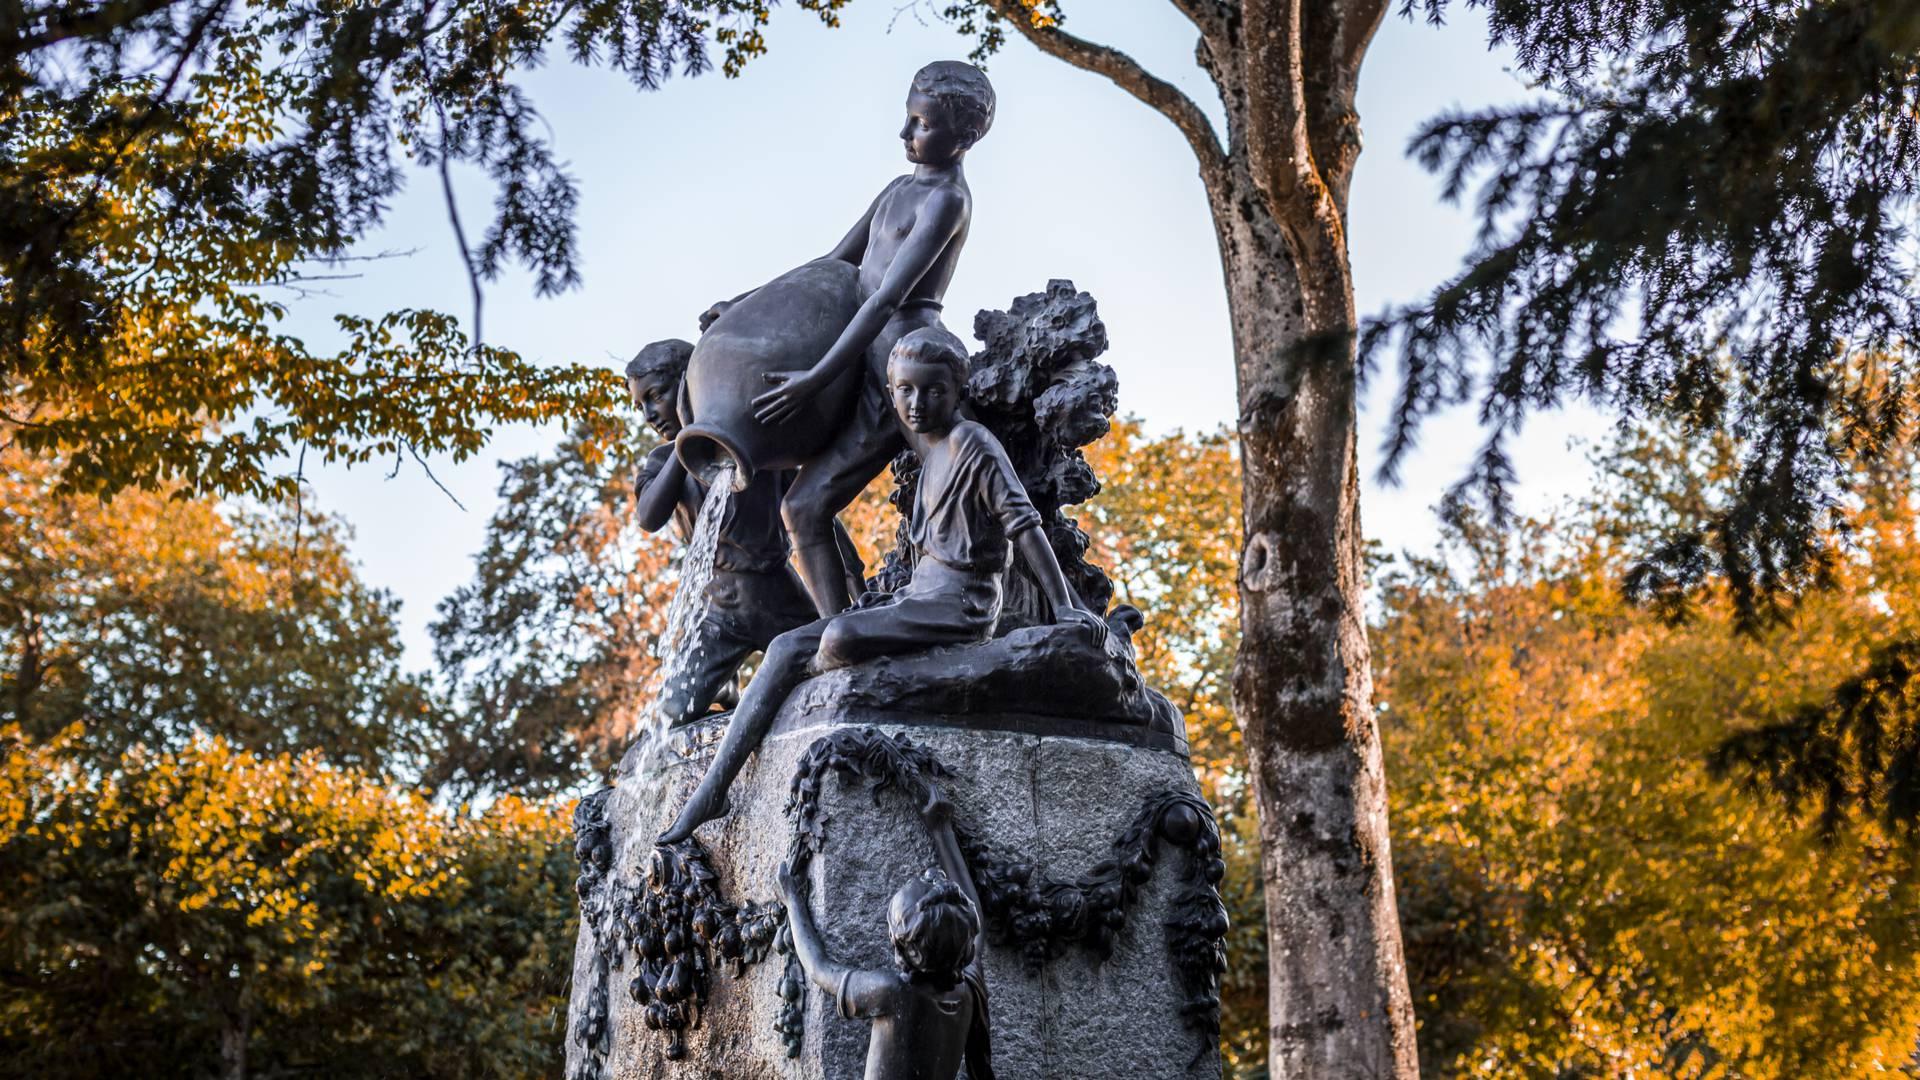 Fontaine dans le parc de la Verrerie. © Lelsey Williamson.